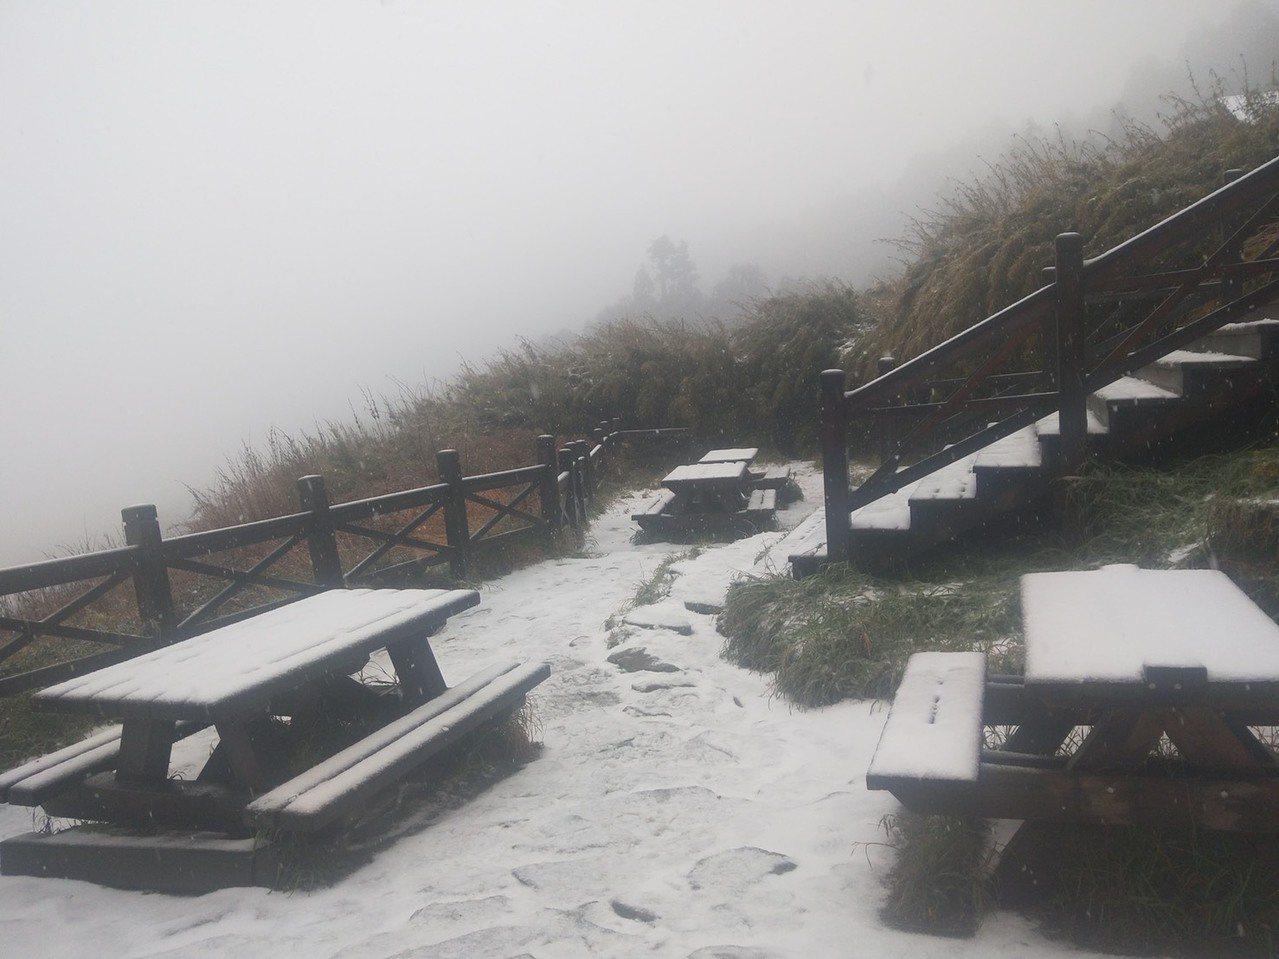 雪山369山莊今天凌晨出現冰霰,上午9點多已開始飄雪。圖/布農卡里布灣高山協作提...